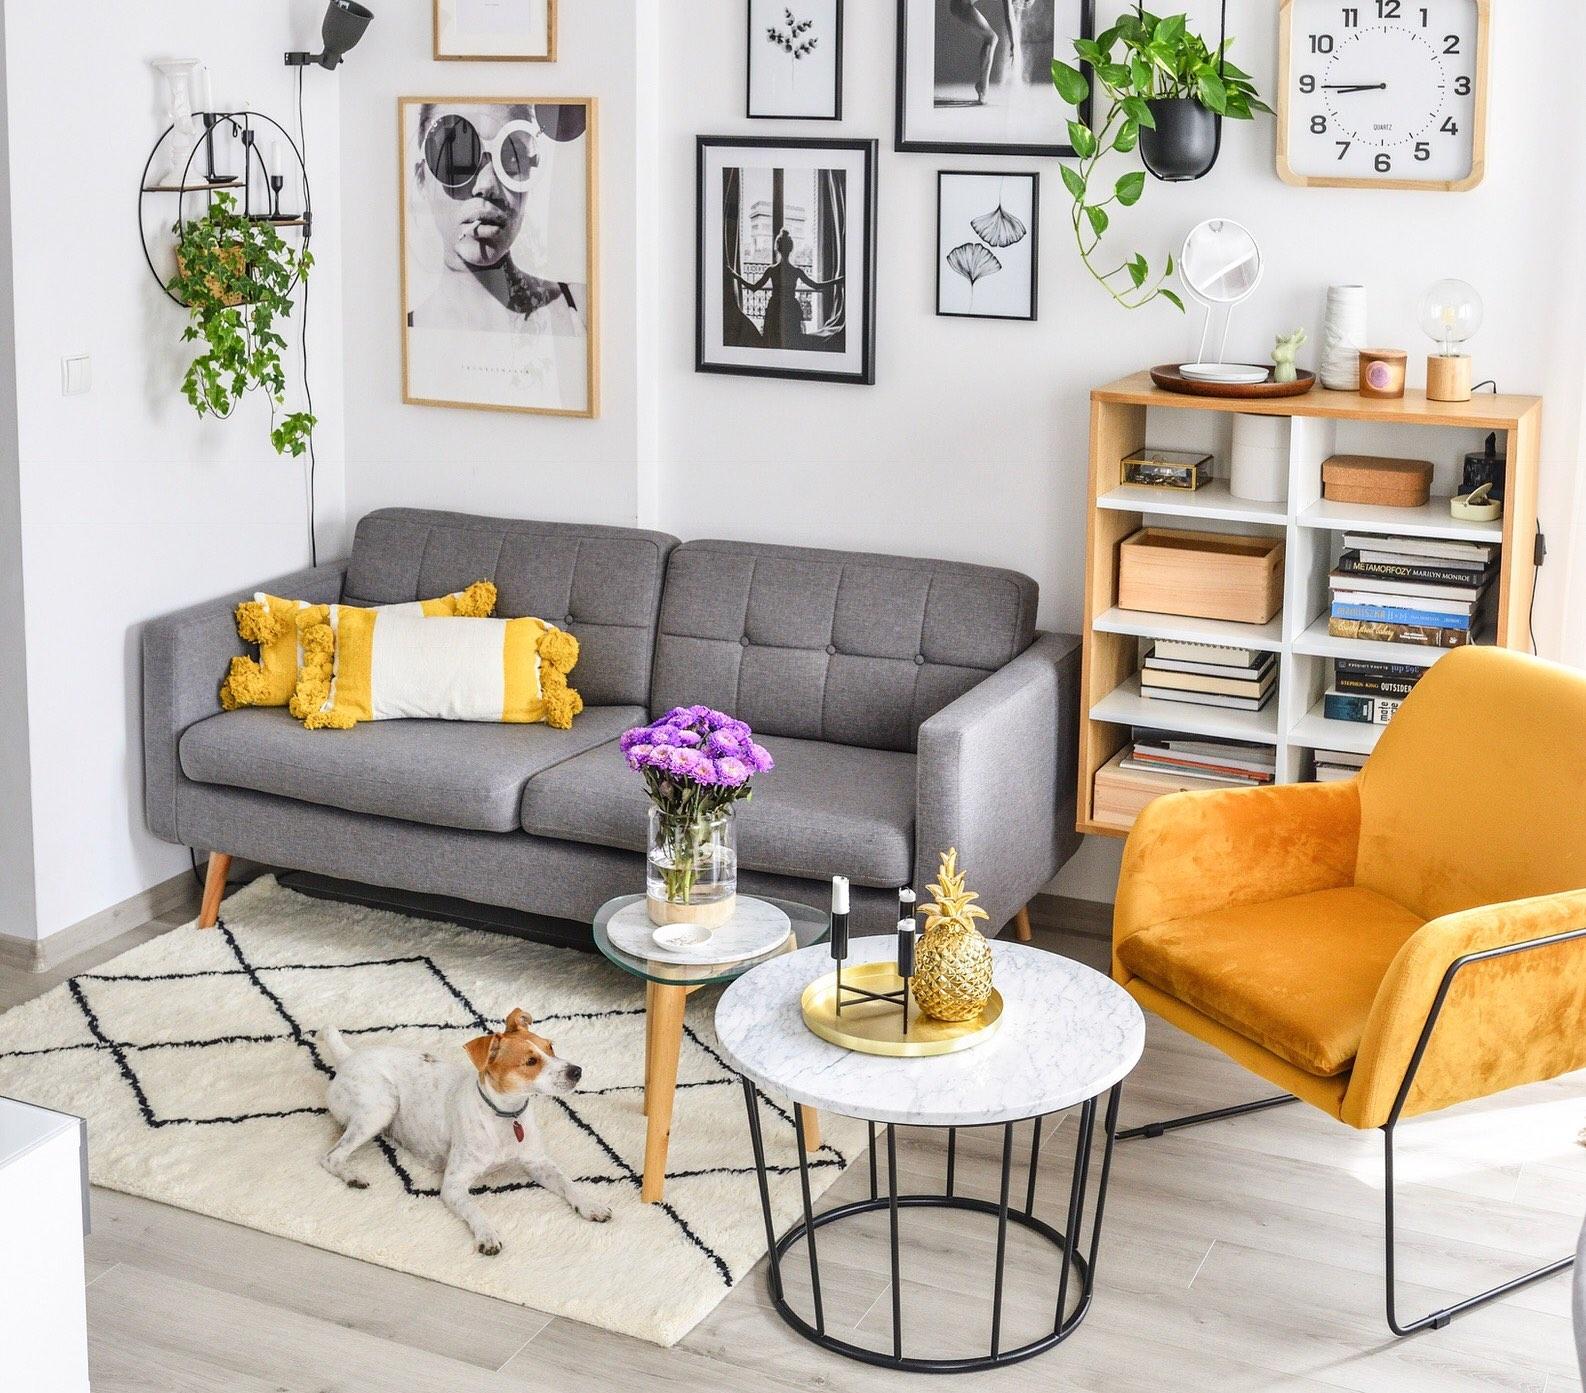 Sofa Brest gris fauteuil Foxe jaune en velours